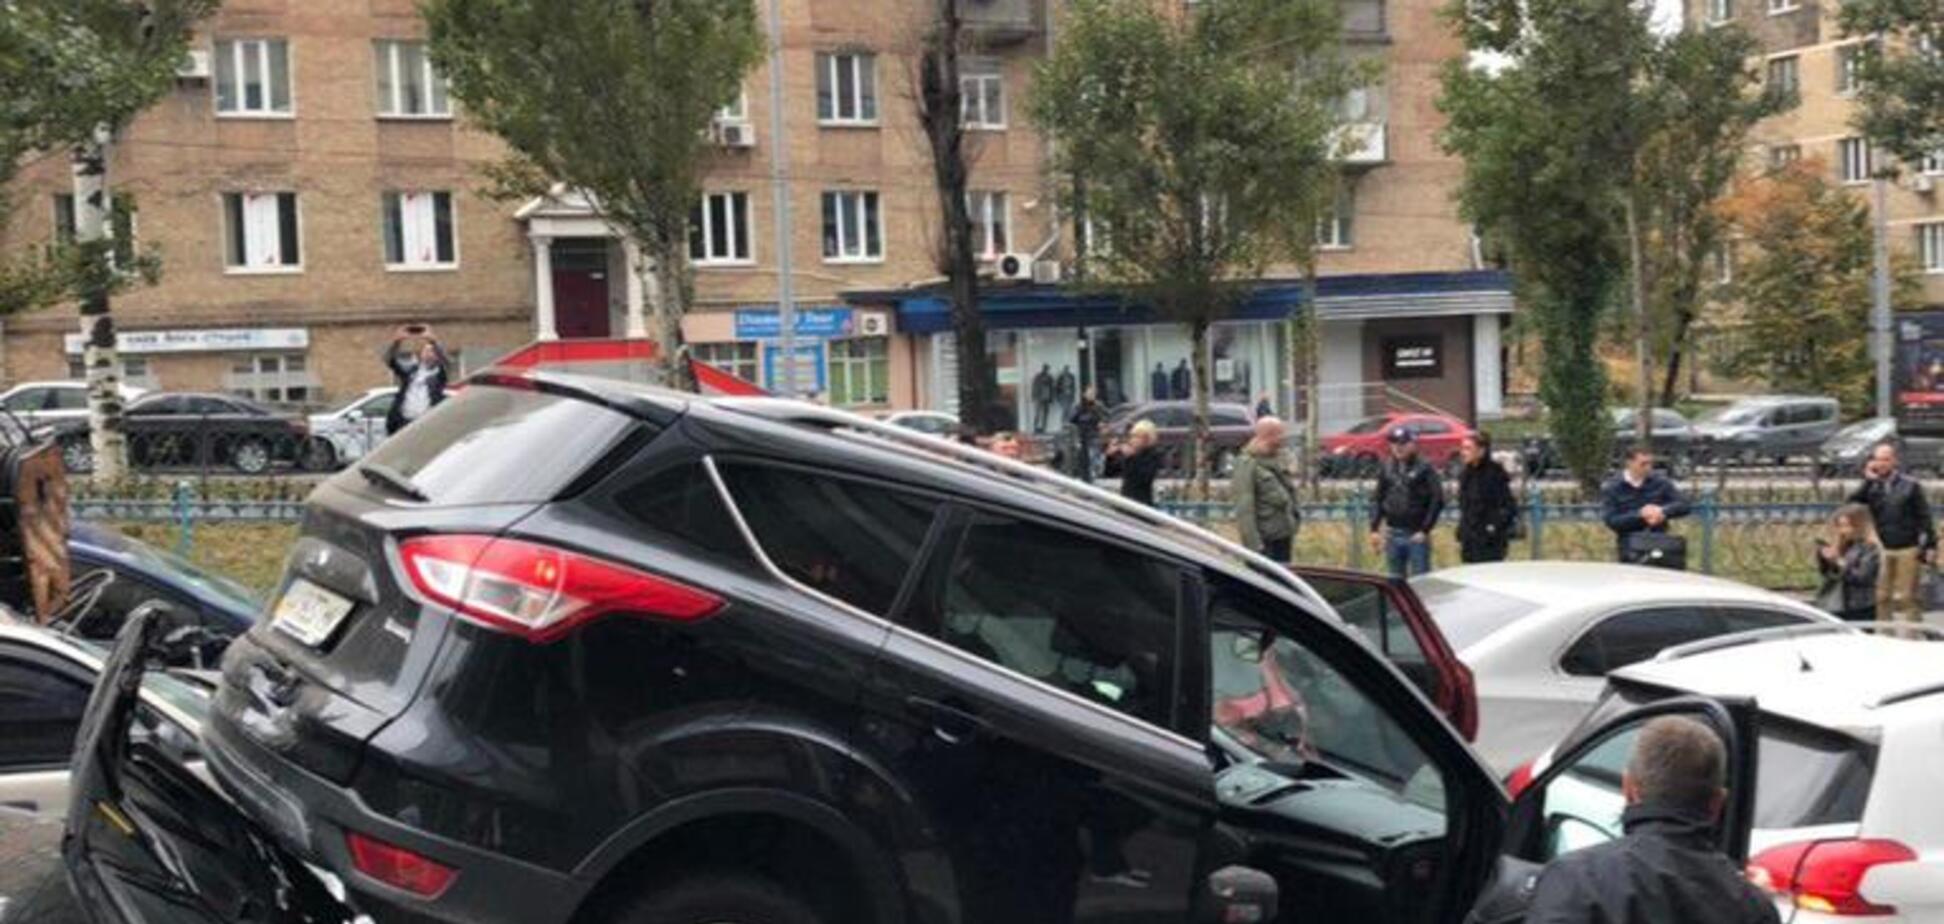 КамАЗ разбил 20 авто: появилась схема масштабного ДТП в Киеве